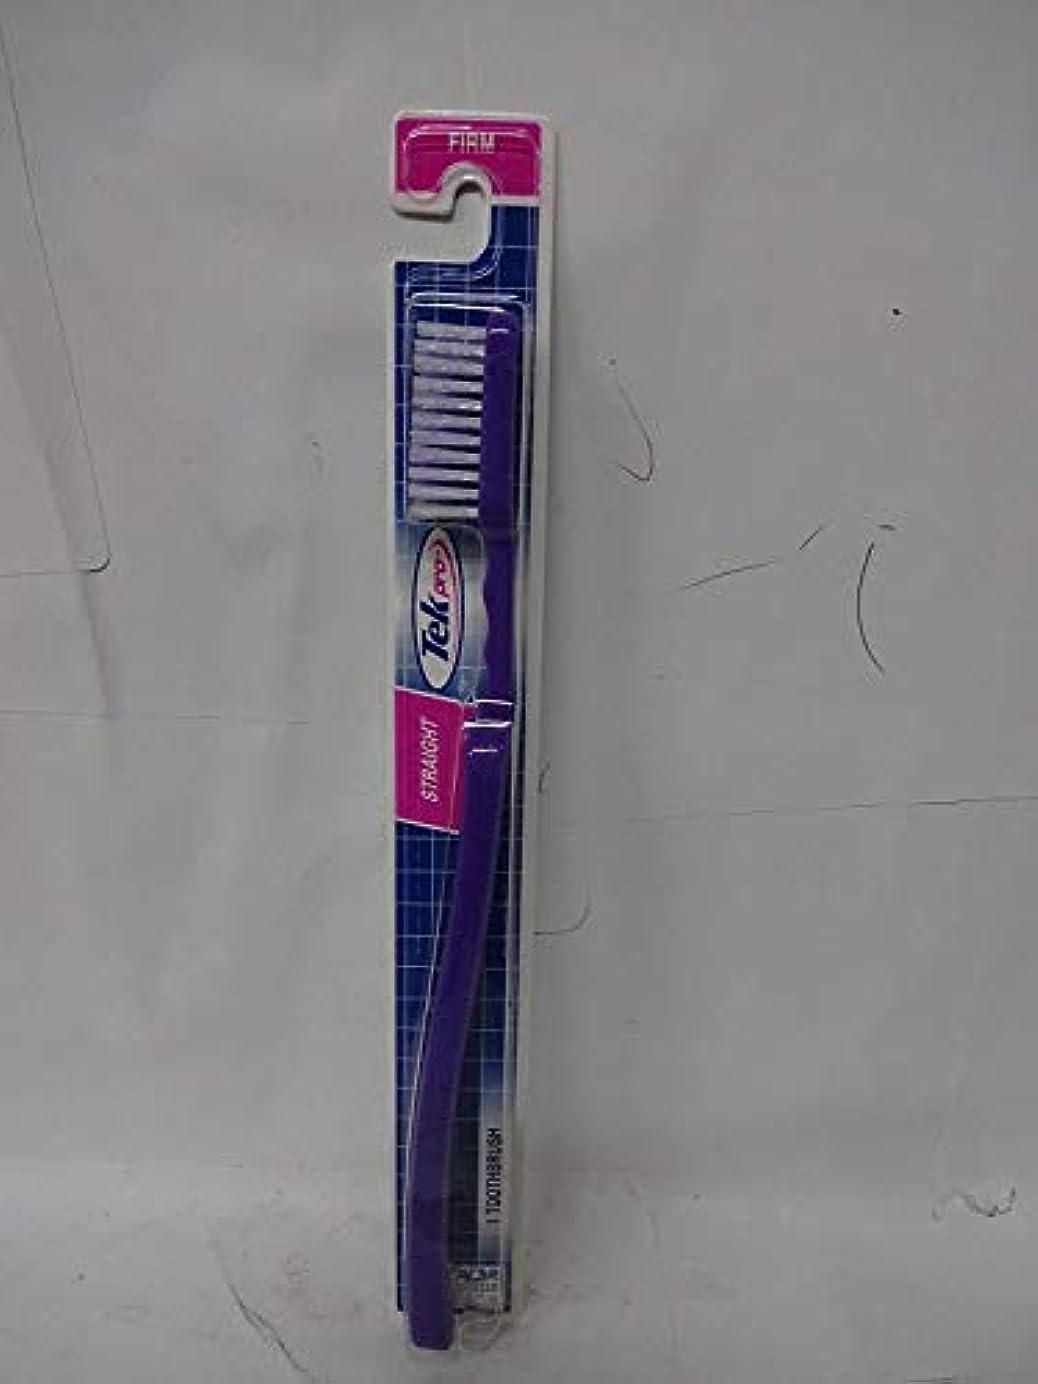 十分寛解データTEK 歯ブラシの企業規模1CT歯ブラシ、12パック 12のパック